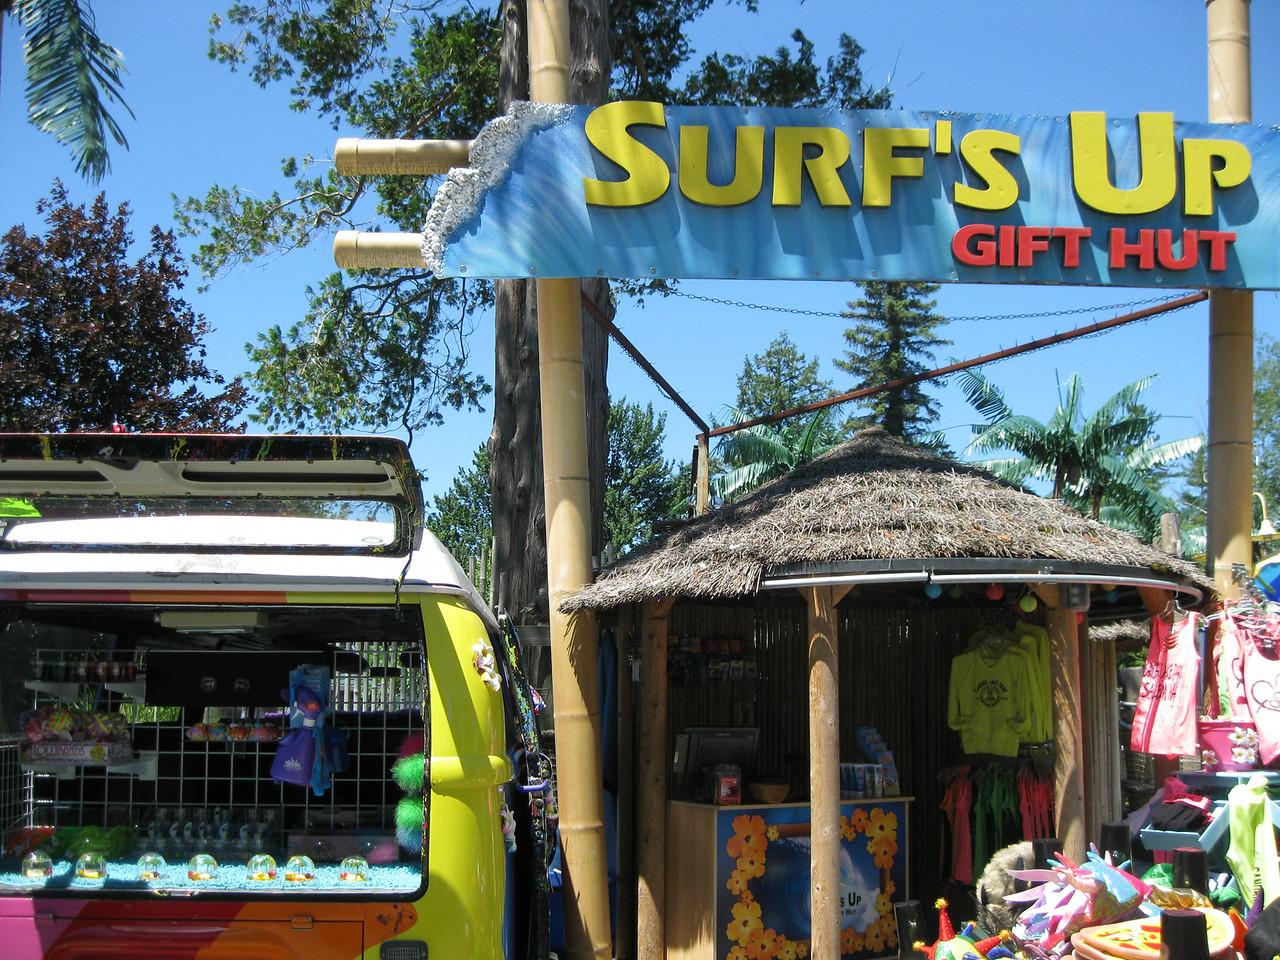 Surf's Up gift shop.